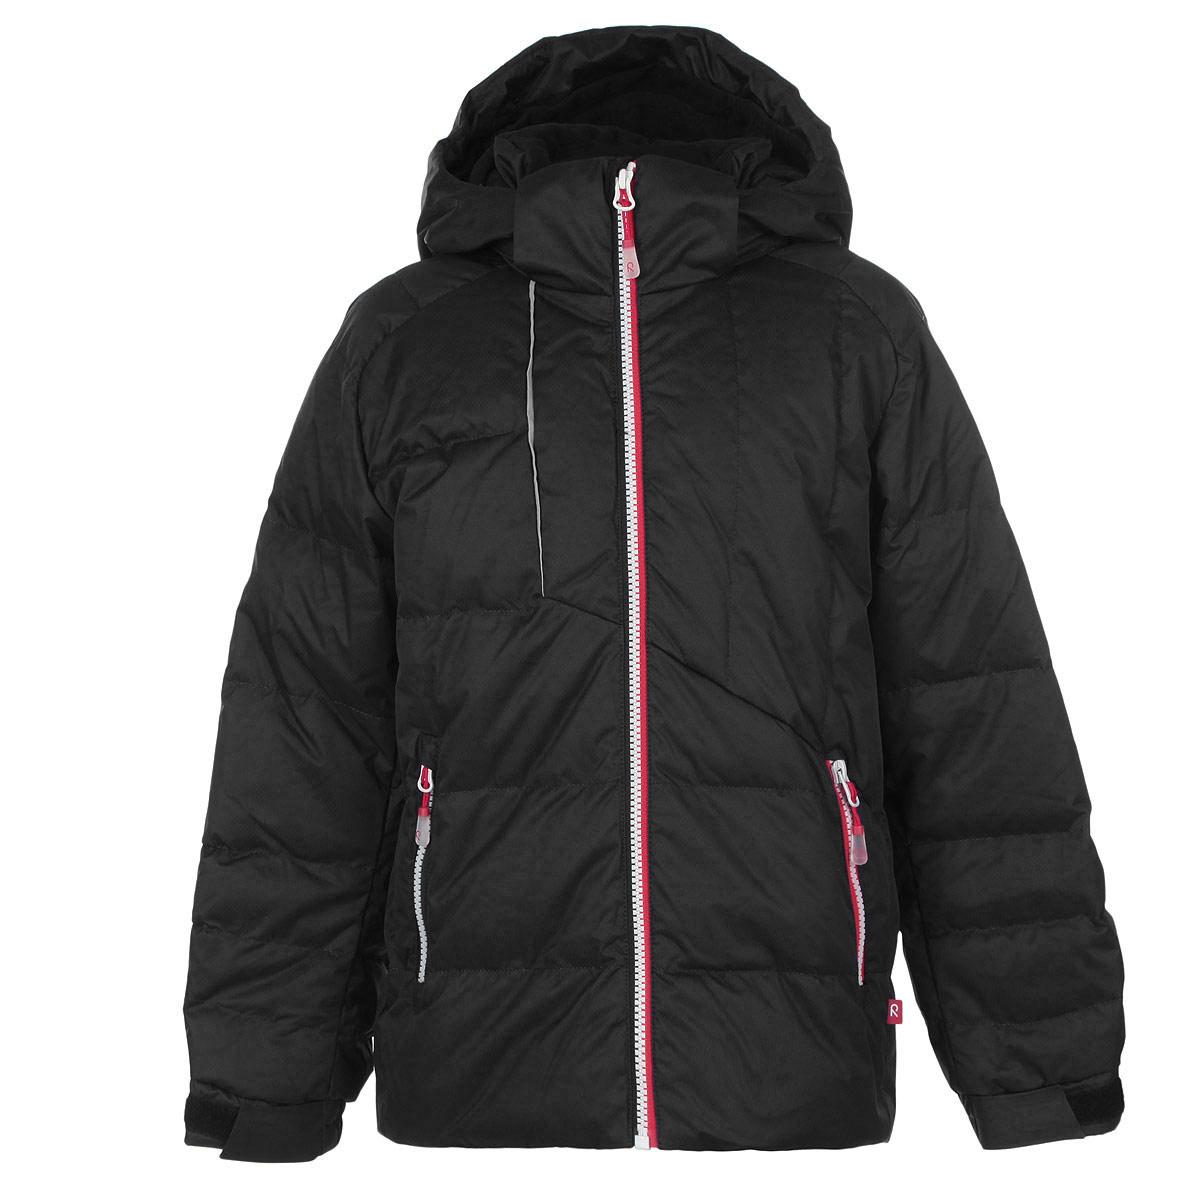 Куртка для мальчика Shamsa. 531071531071_8580Детская куртка Reima Shamsa идеально подойдет для ребенка в прохладное время года. Куртка изготовлена из водоотталкивающей и ветрозащитной мембранной ткани. Материал отличается высокой устойчивостью к трению, благодаря специальной обработке полиуретаном поверхность изделия отталкивает грязь и воду, что облегчает поддержание аккуратного вида одежды, дышащее покрытие с изнаночной части не раздражает даже самую нежную и чувствительную кожу ребенка, обеспечивая ему наибольший комфорт. В качестве утеплителя используются пух и перо. Куртка с удлиненной спинкой и капюшоном застегивается на пластиковую застежку-молнию с защитой подбородка, благодаря чему ее легко надевать и снимать, и дополнительно имеет внутреннюю ветрозащитную планку, а также защиту подбородка. Капюшон, присборенный по бокам и дополненный специальным козырьком, защитит нежные щечки от ветра, он пристегивается к куртке при помощи кнопок и застегивается под подбородком клапаном на липучку. Низ рукавов дополнен...